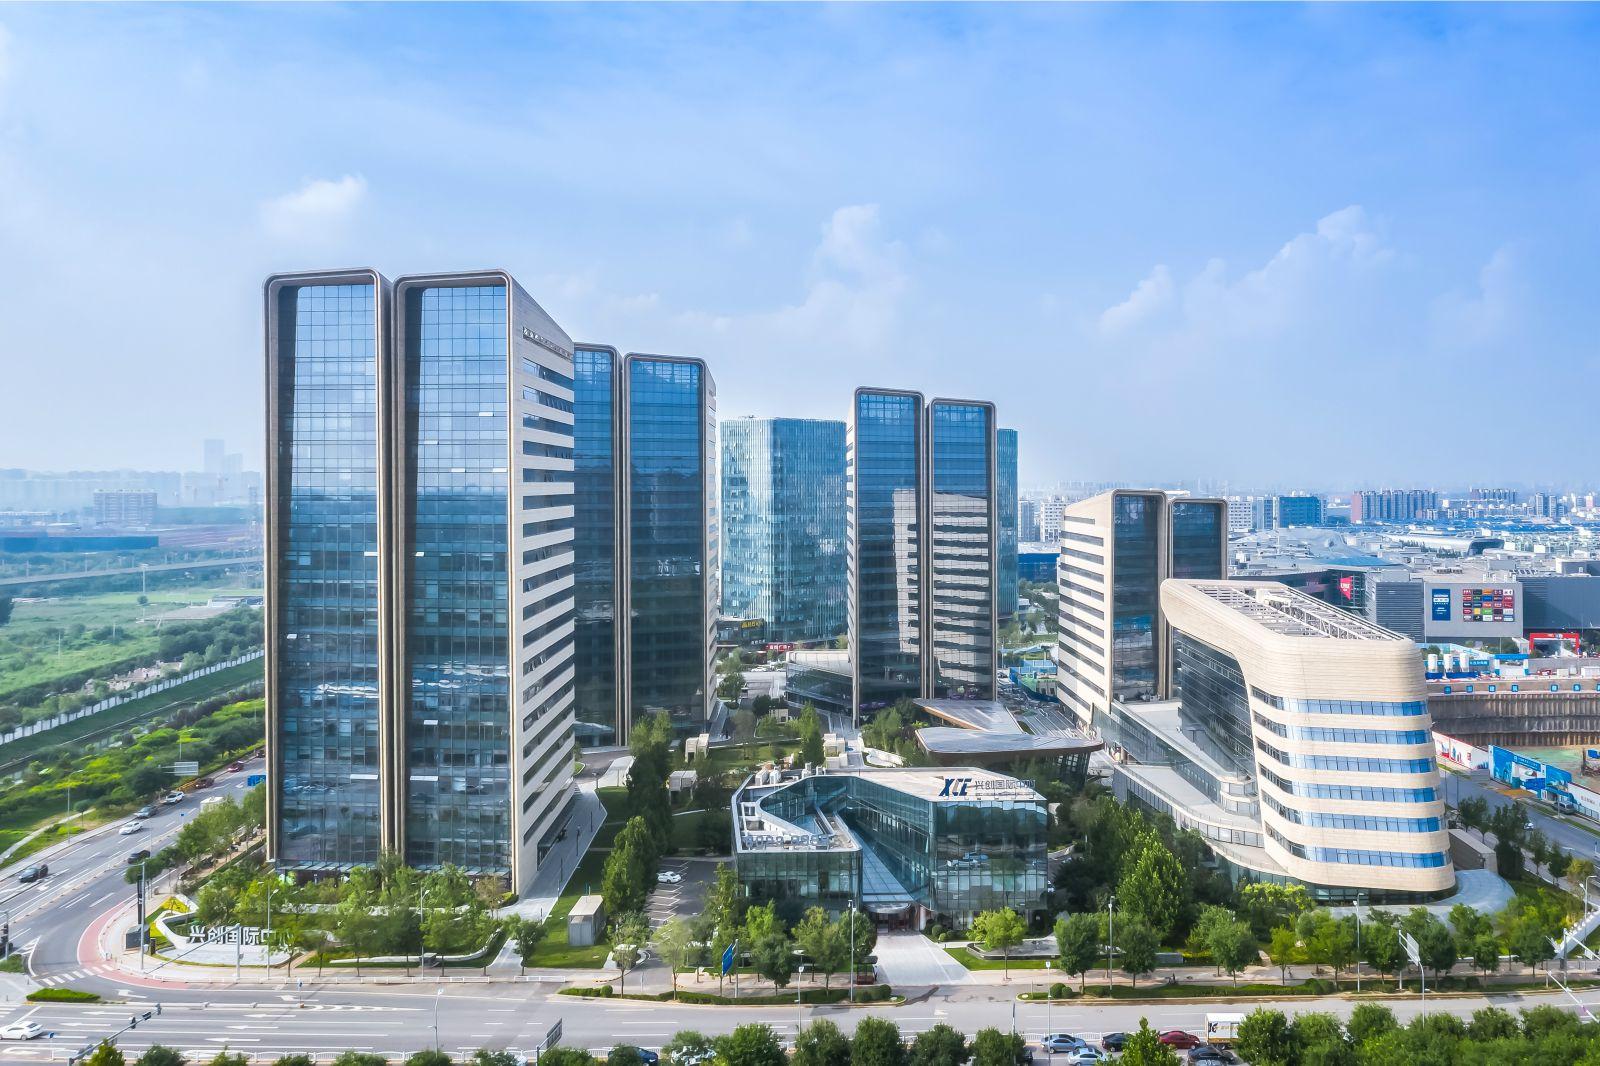 Xinchuang International Center